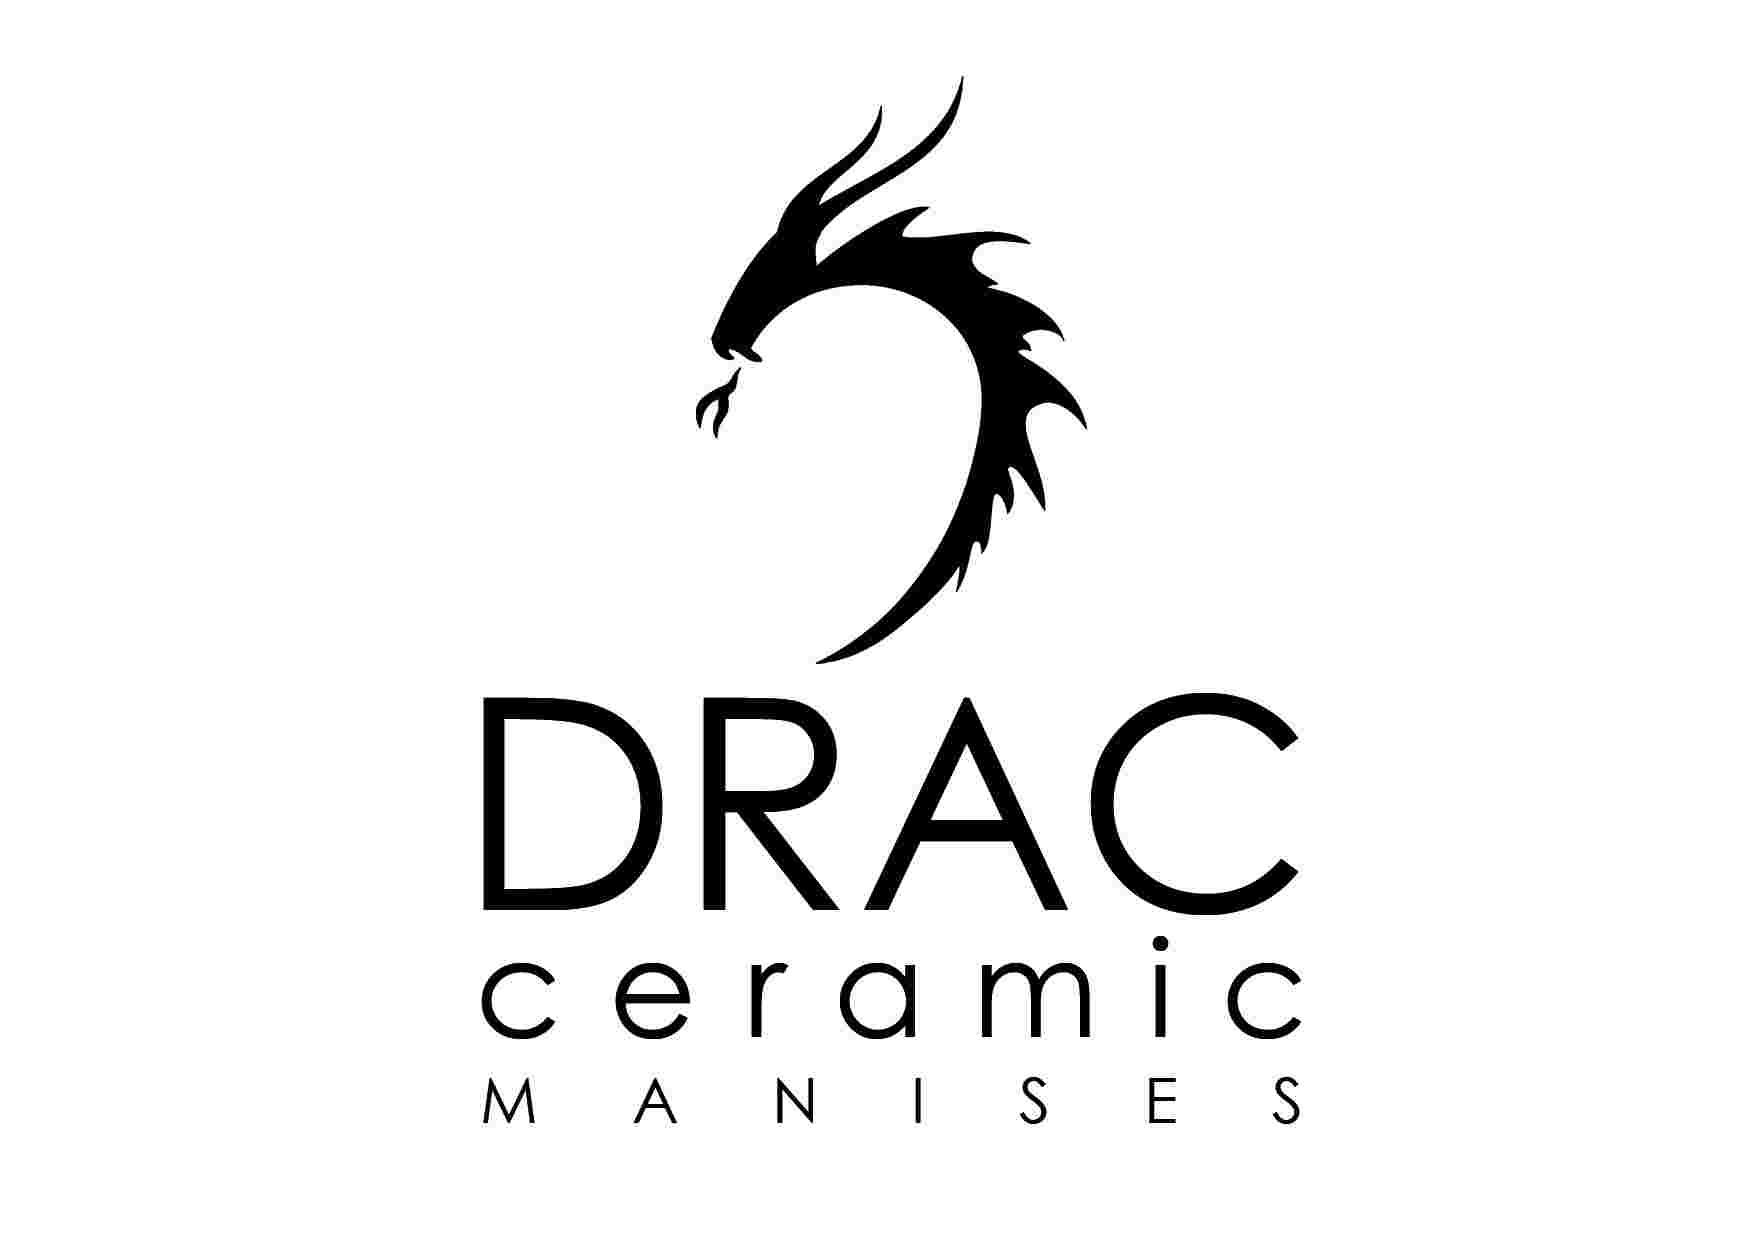 DRAC Ceramic